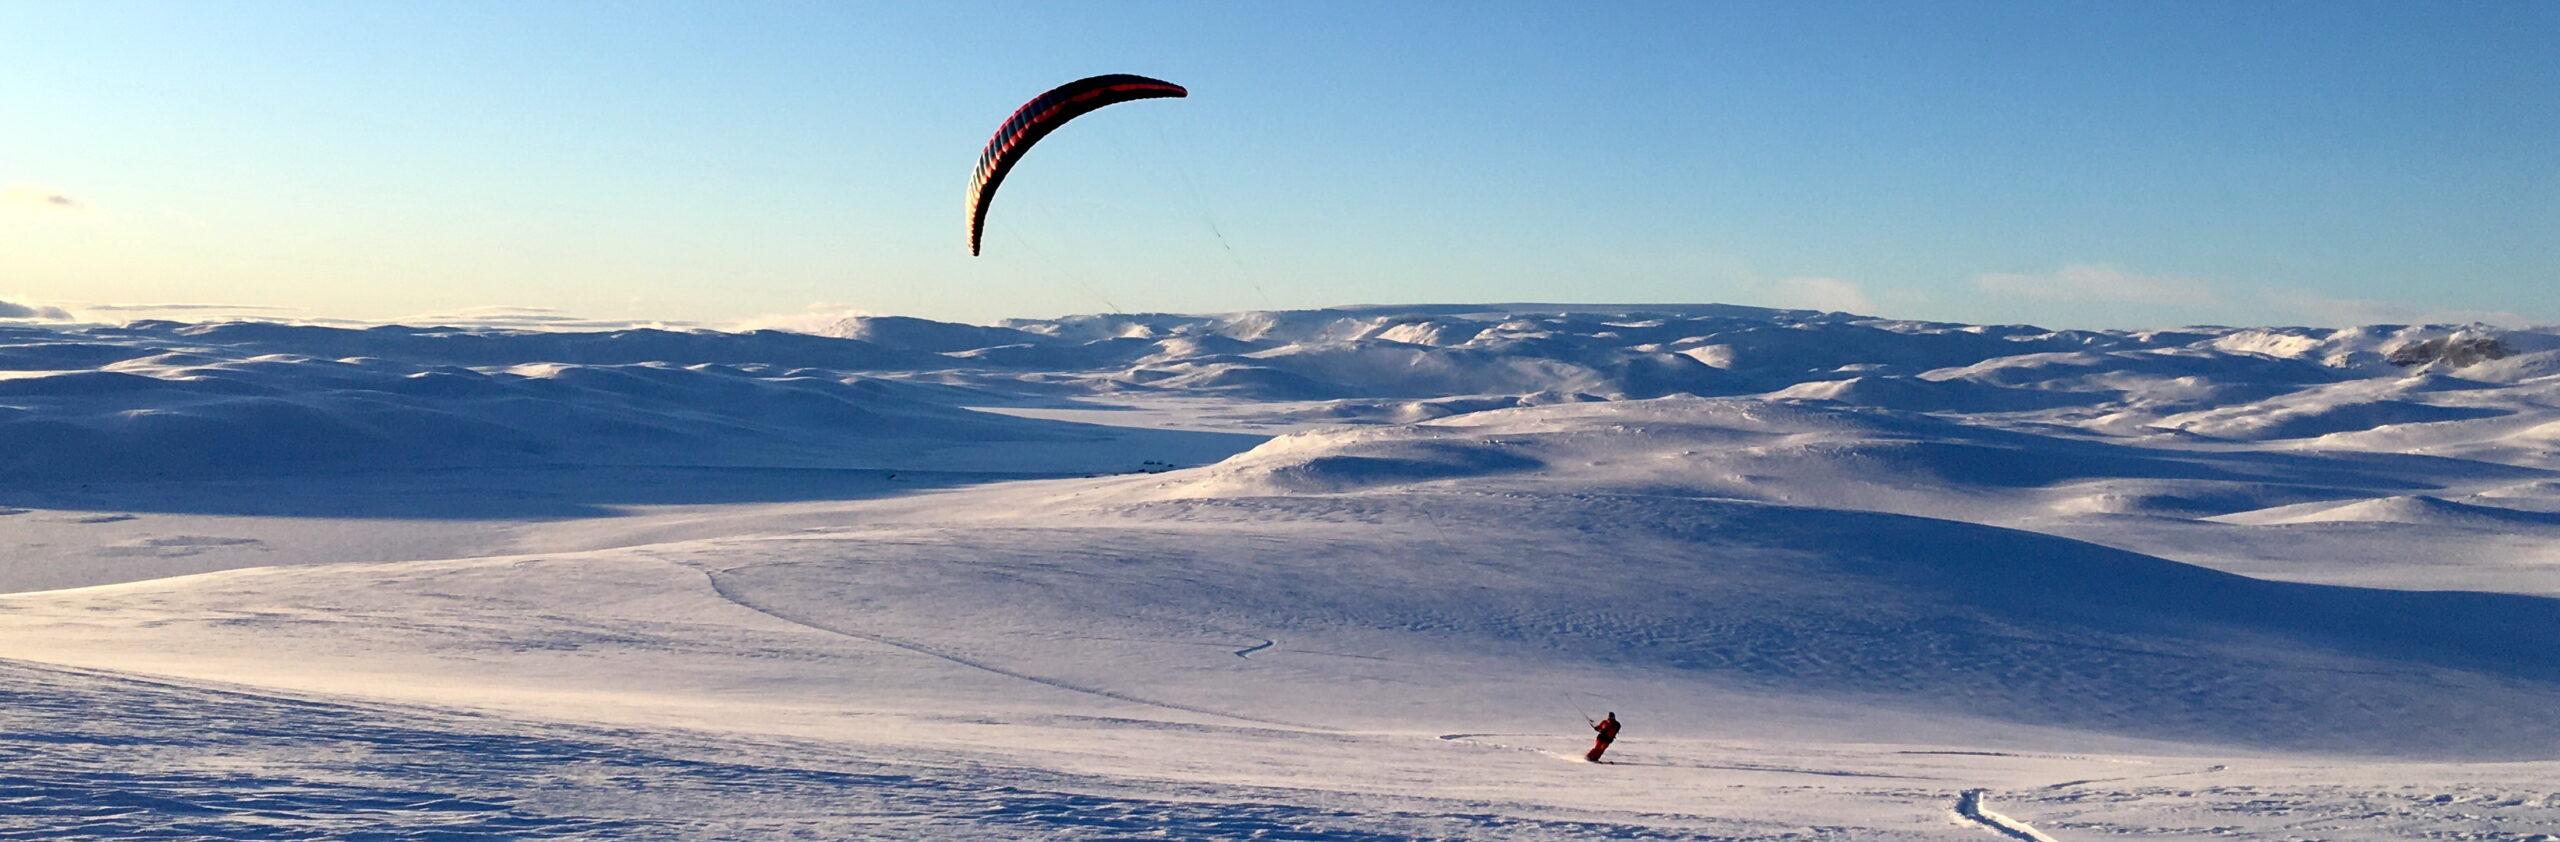 kite norge kite geilo kiting hardangervidda